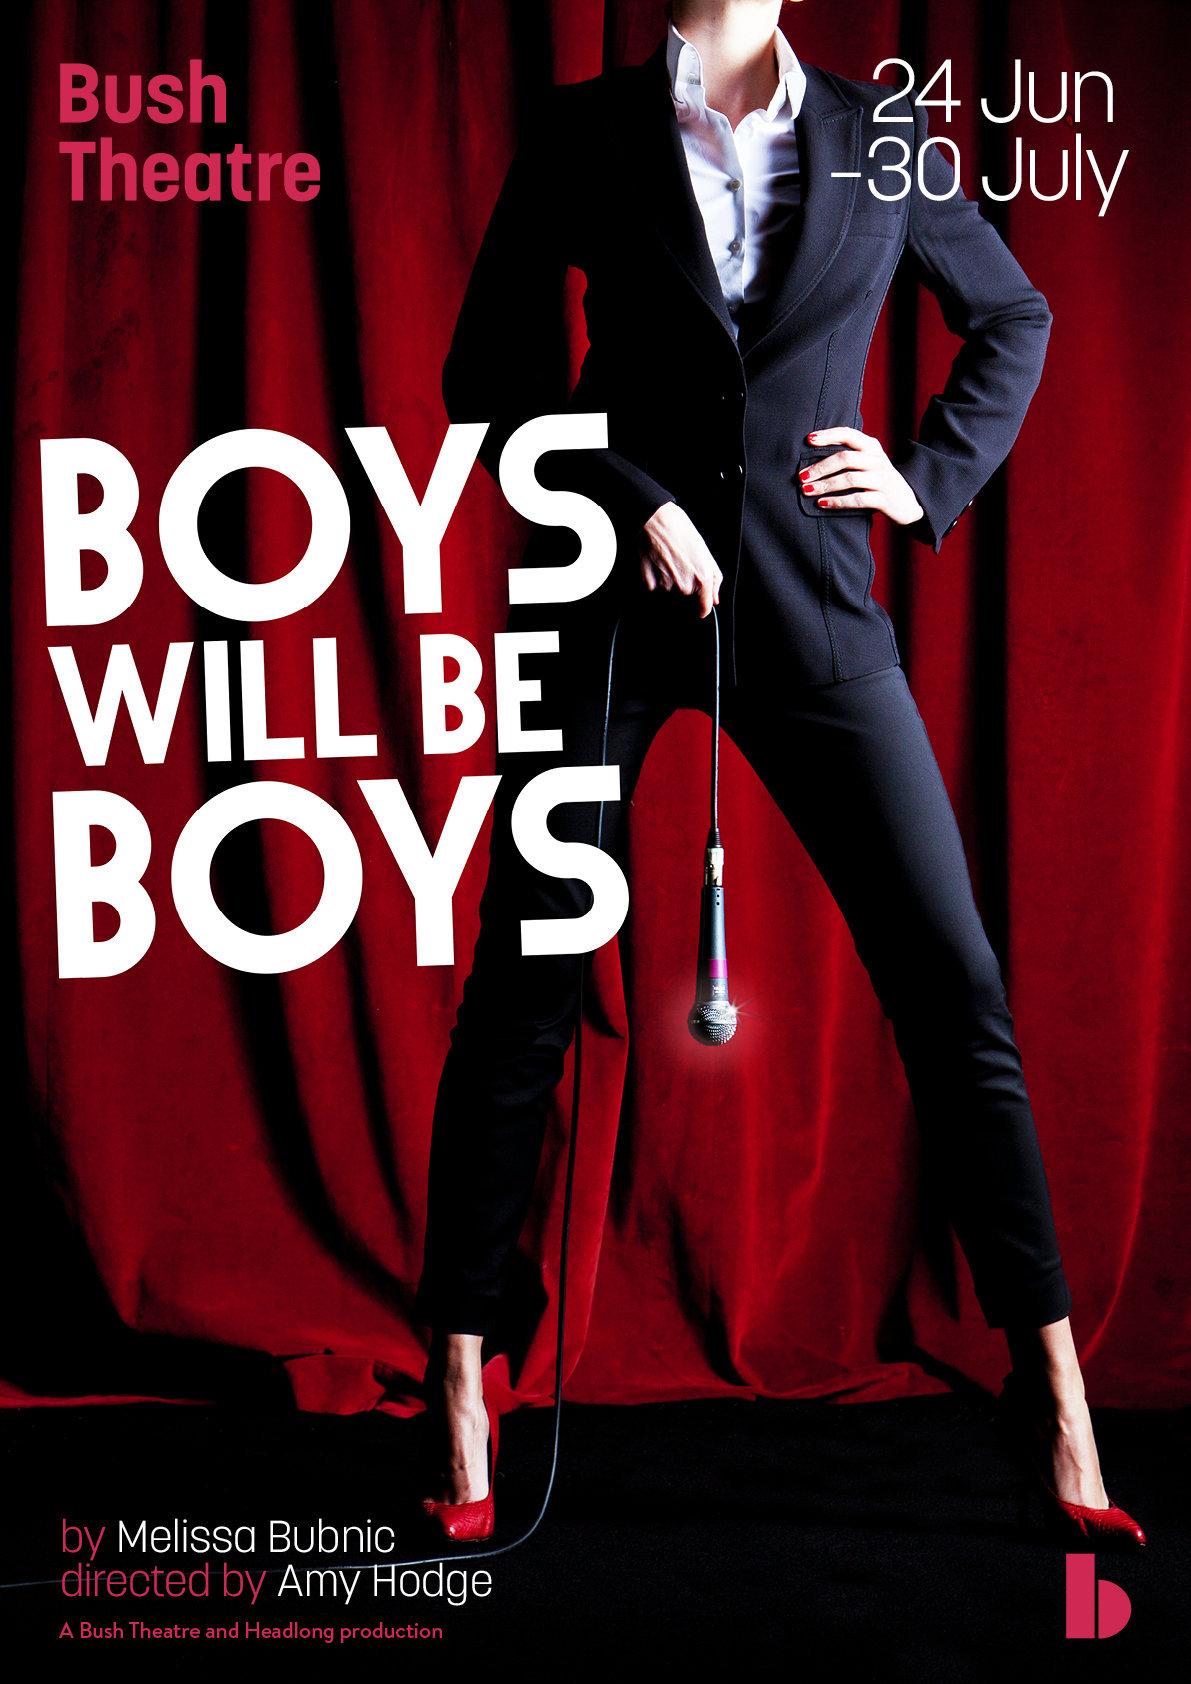 boyswillbeboys-A2-tests.jpg